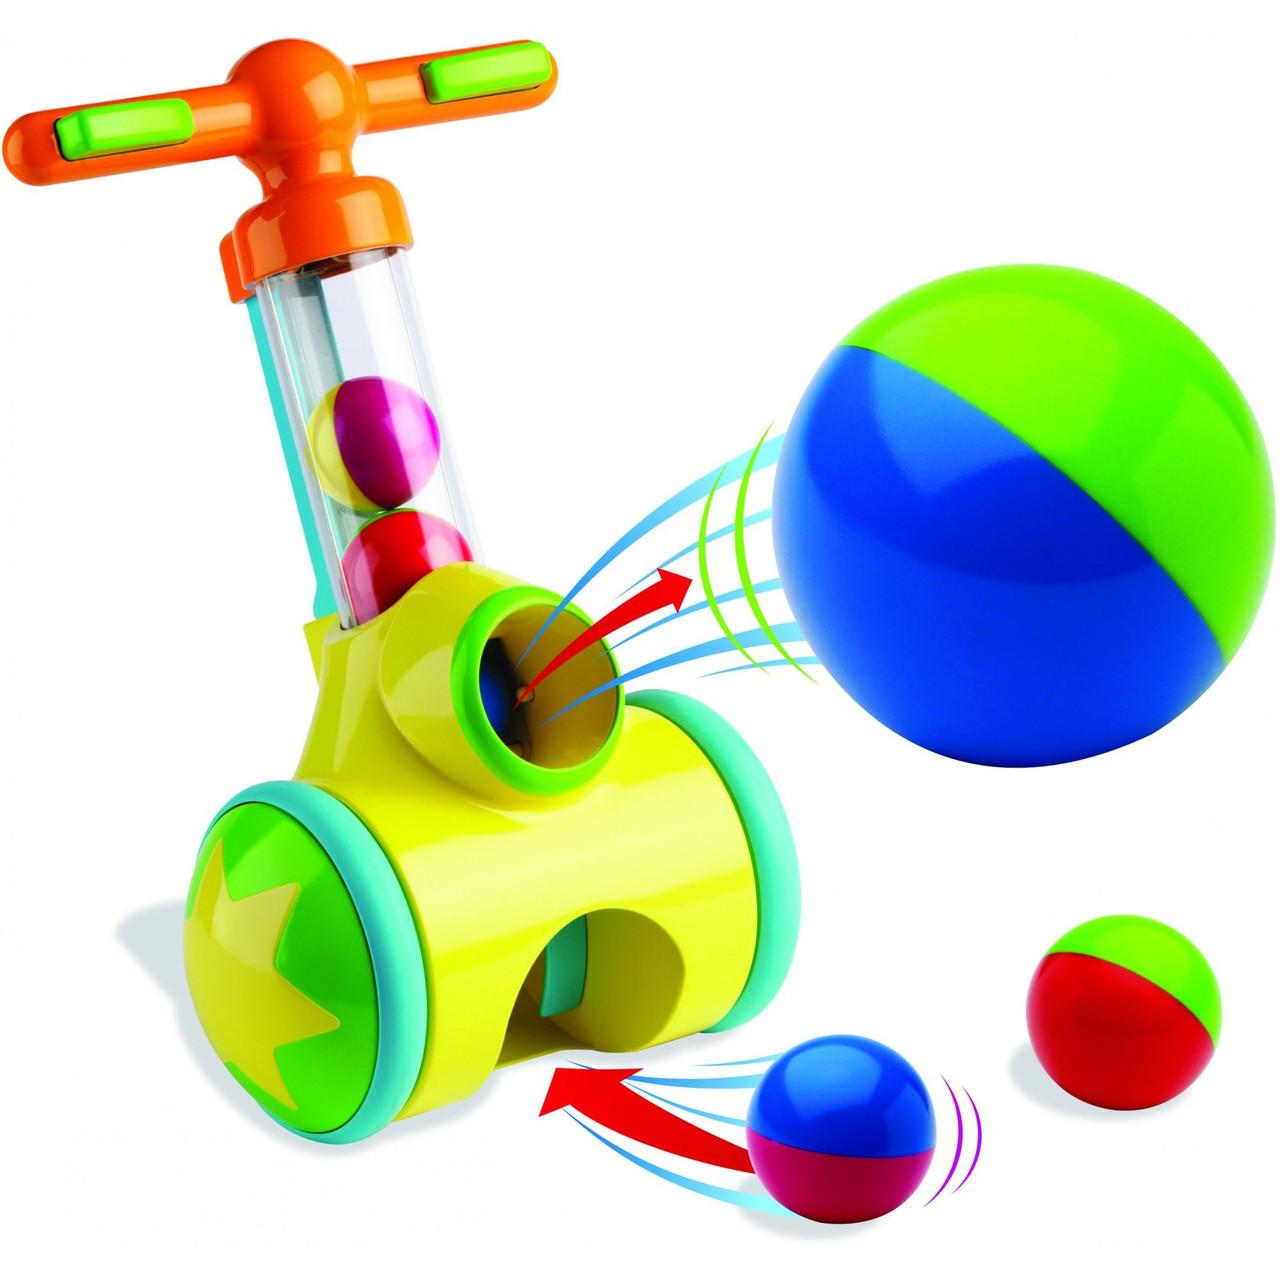 Каталка детская с шариками Pic'n'Pop Тomy E71161